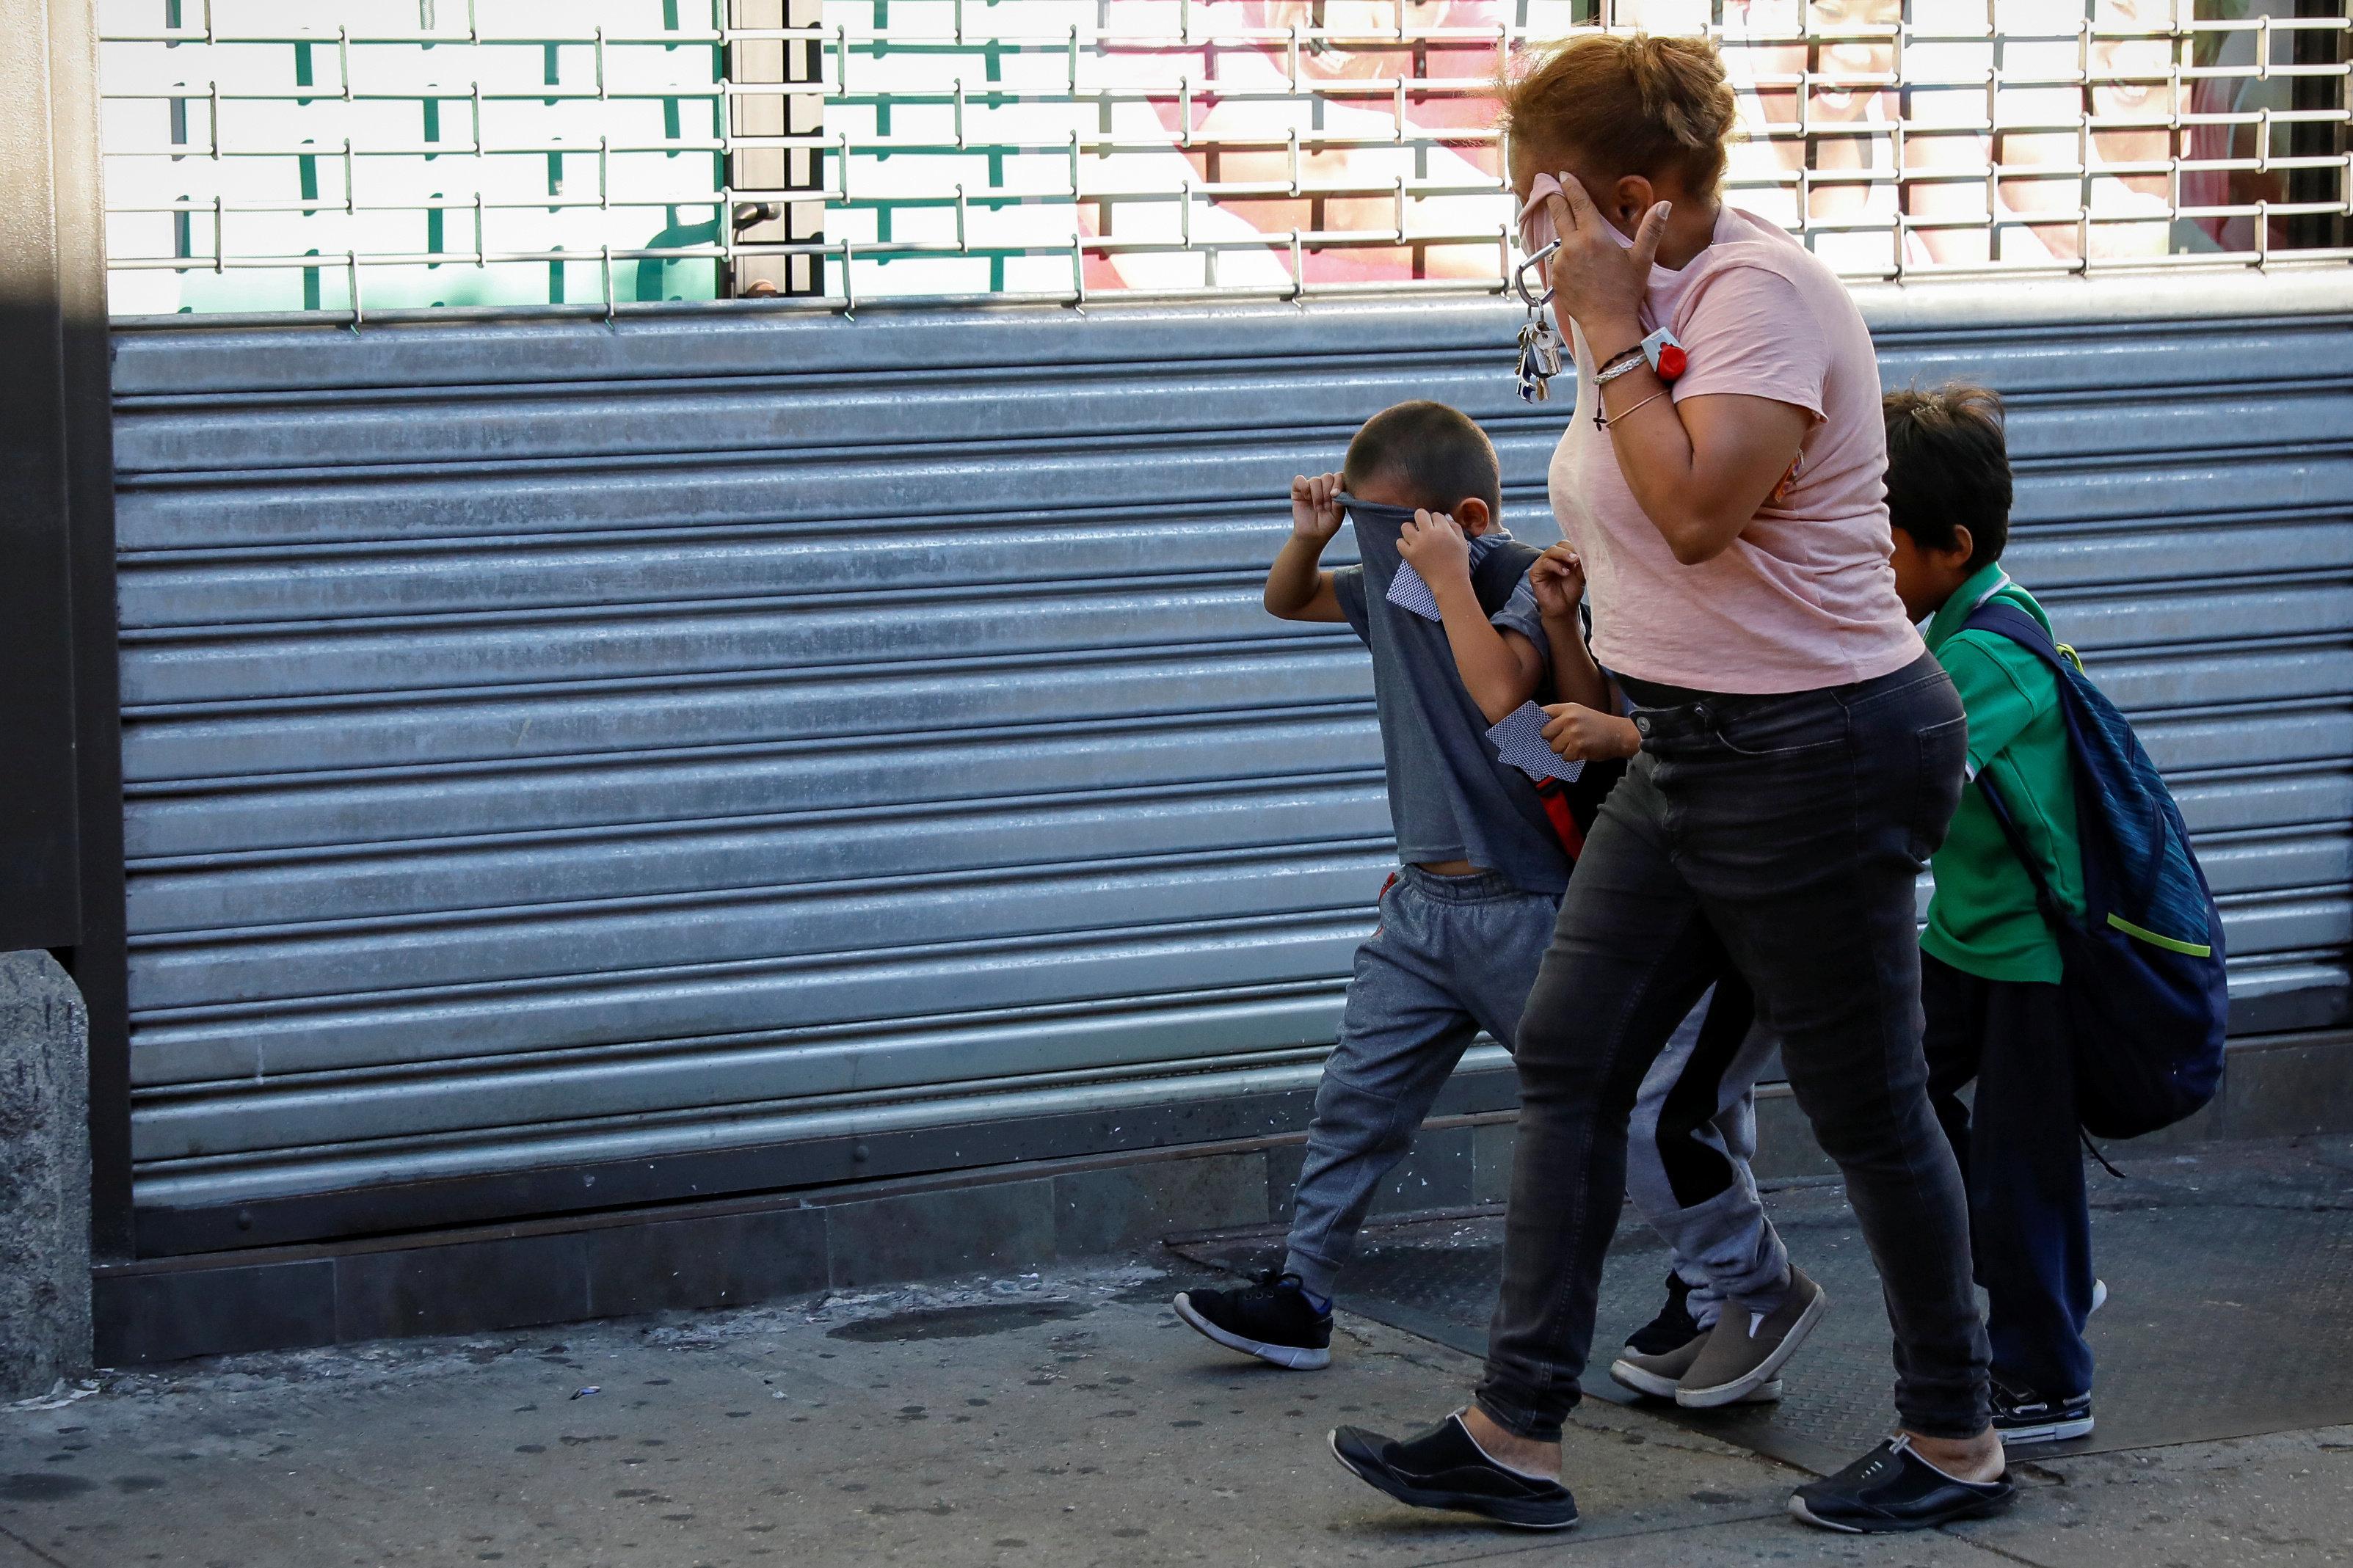 ΗΠΑ: 313 παιδιά από την Ονδούρα χωρίστηκαν από τους γονείς